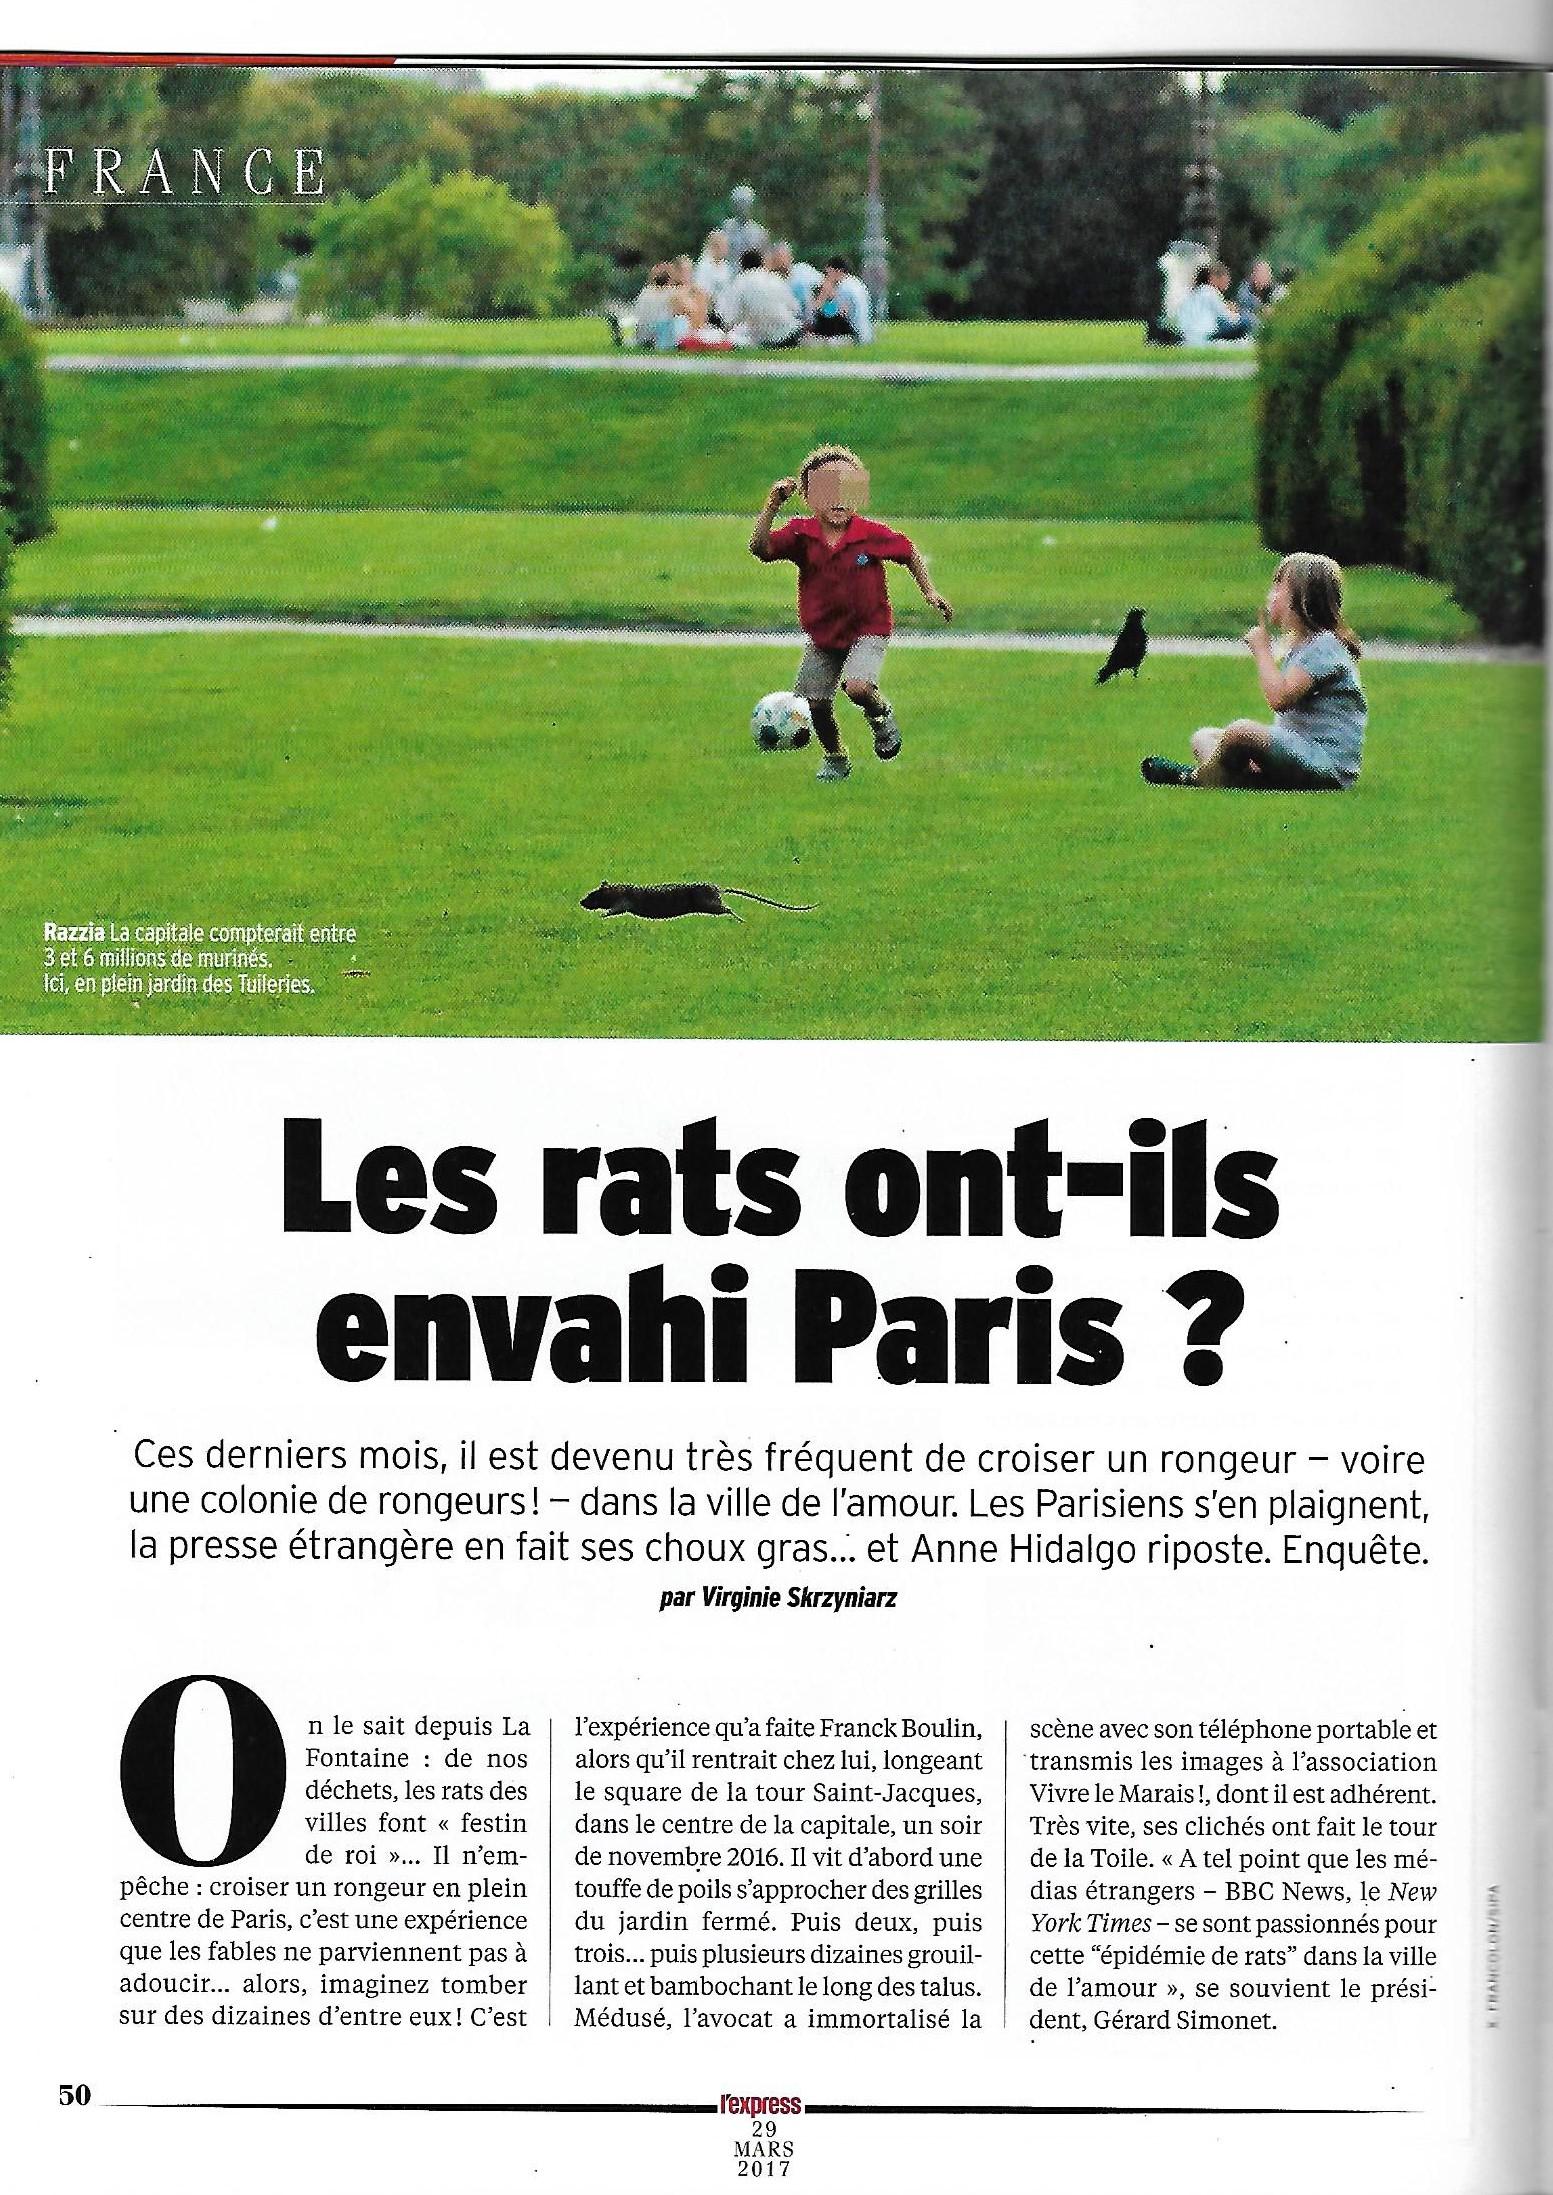 Invasions de rats à paris - Article de l'Express